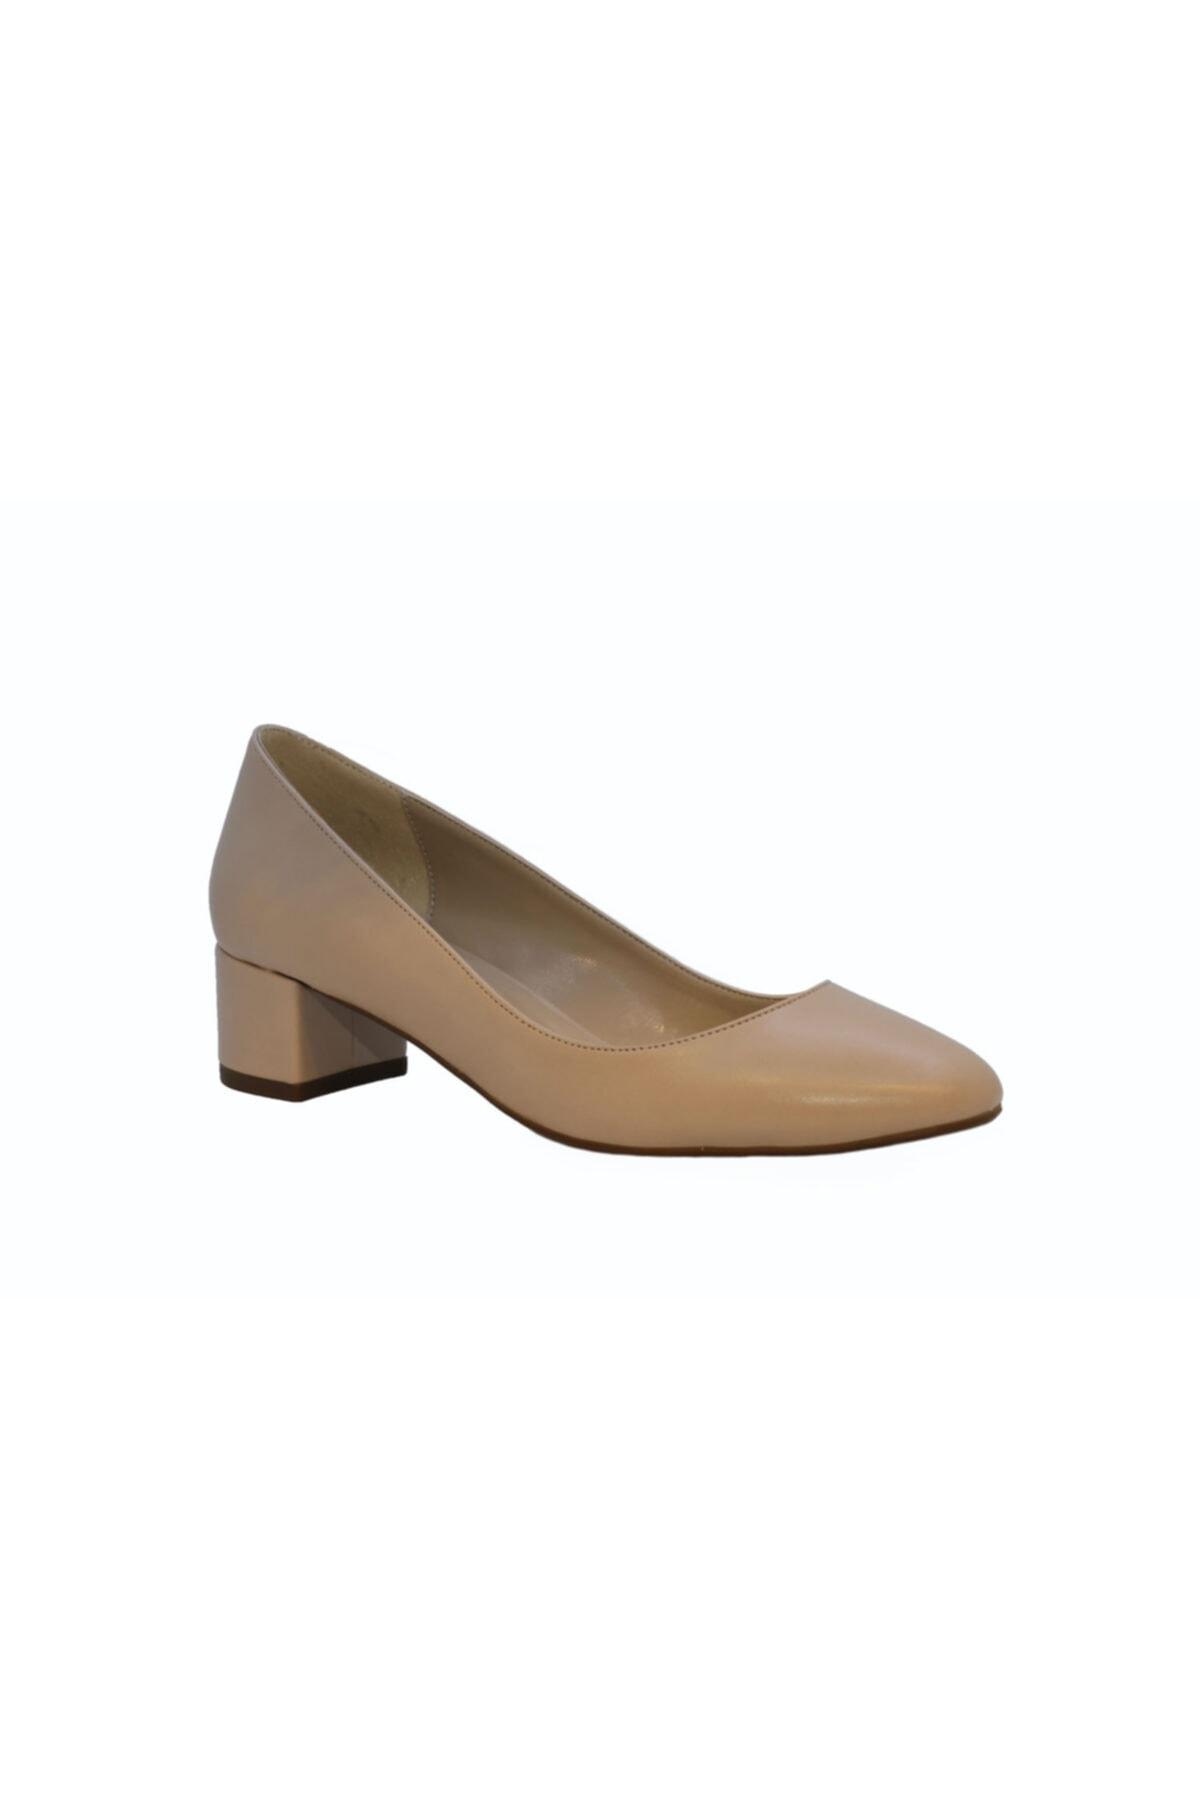 DİVUM Pudra Topuklu Ayakkabı 2